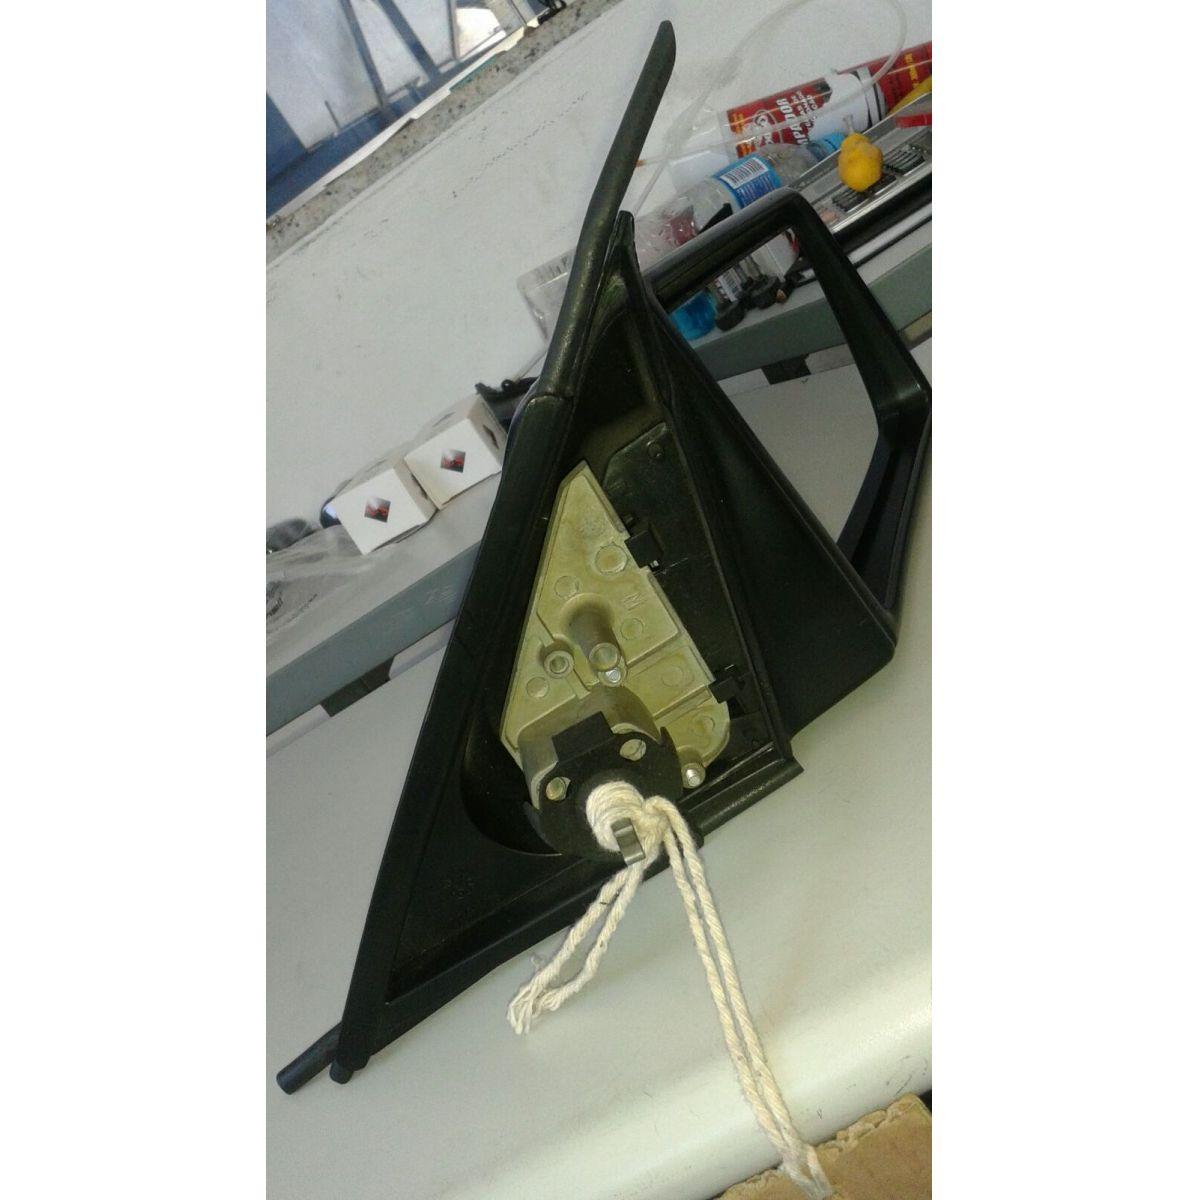 Espelho Retrovisor Monza Tubarão 91 a 93  - Amd Auto Peças